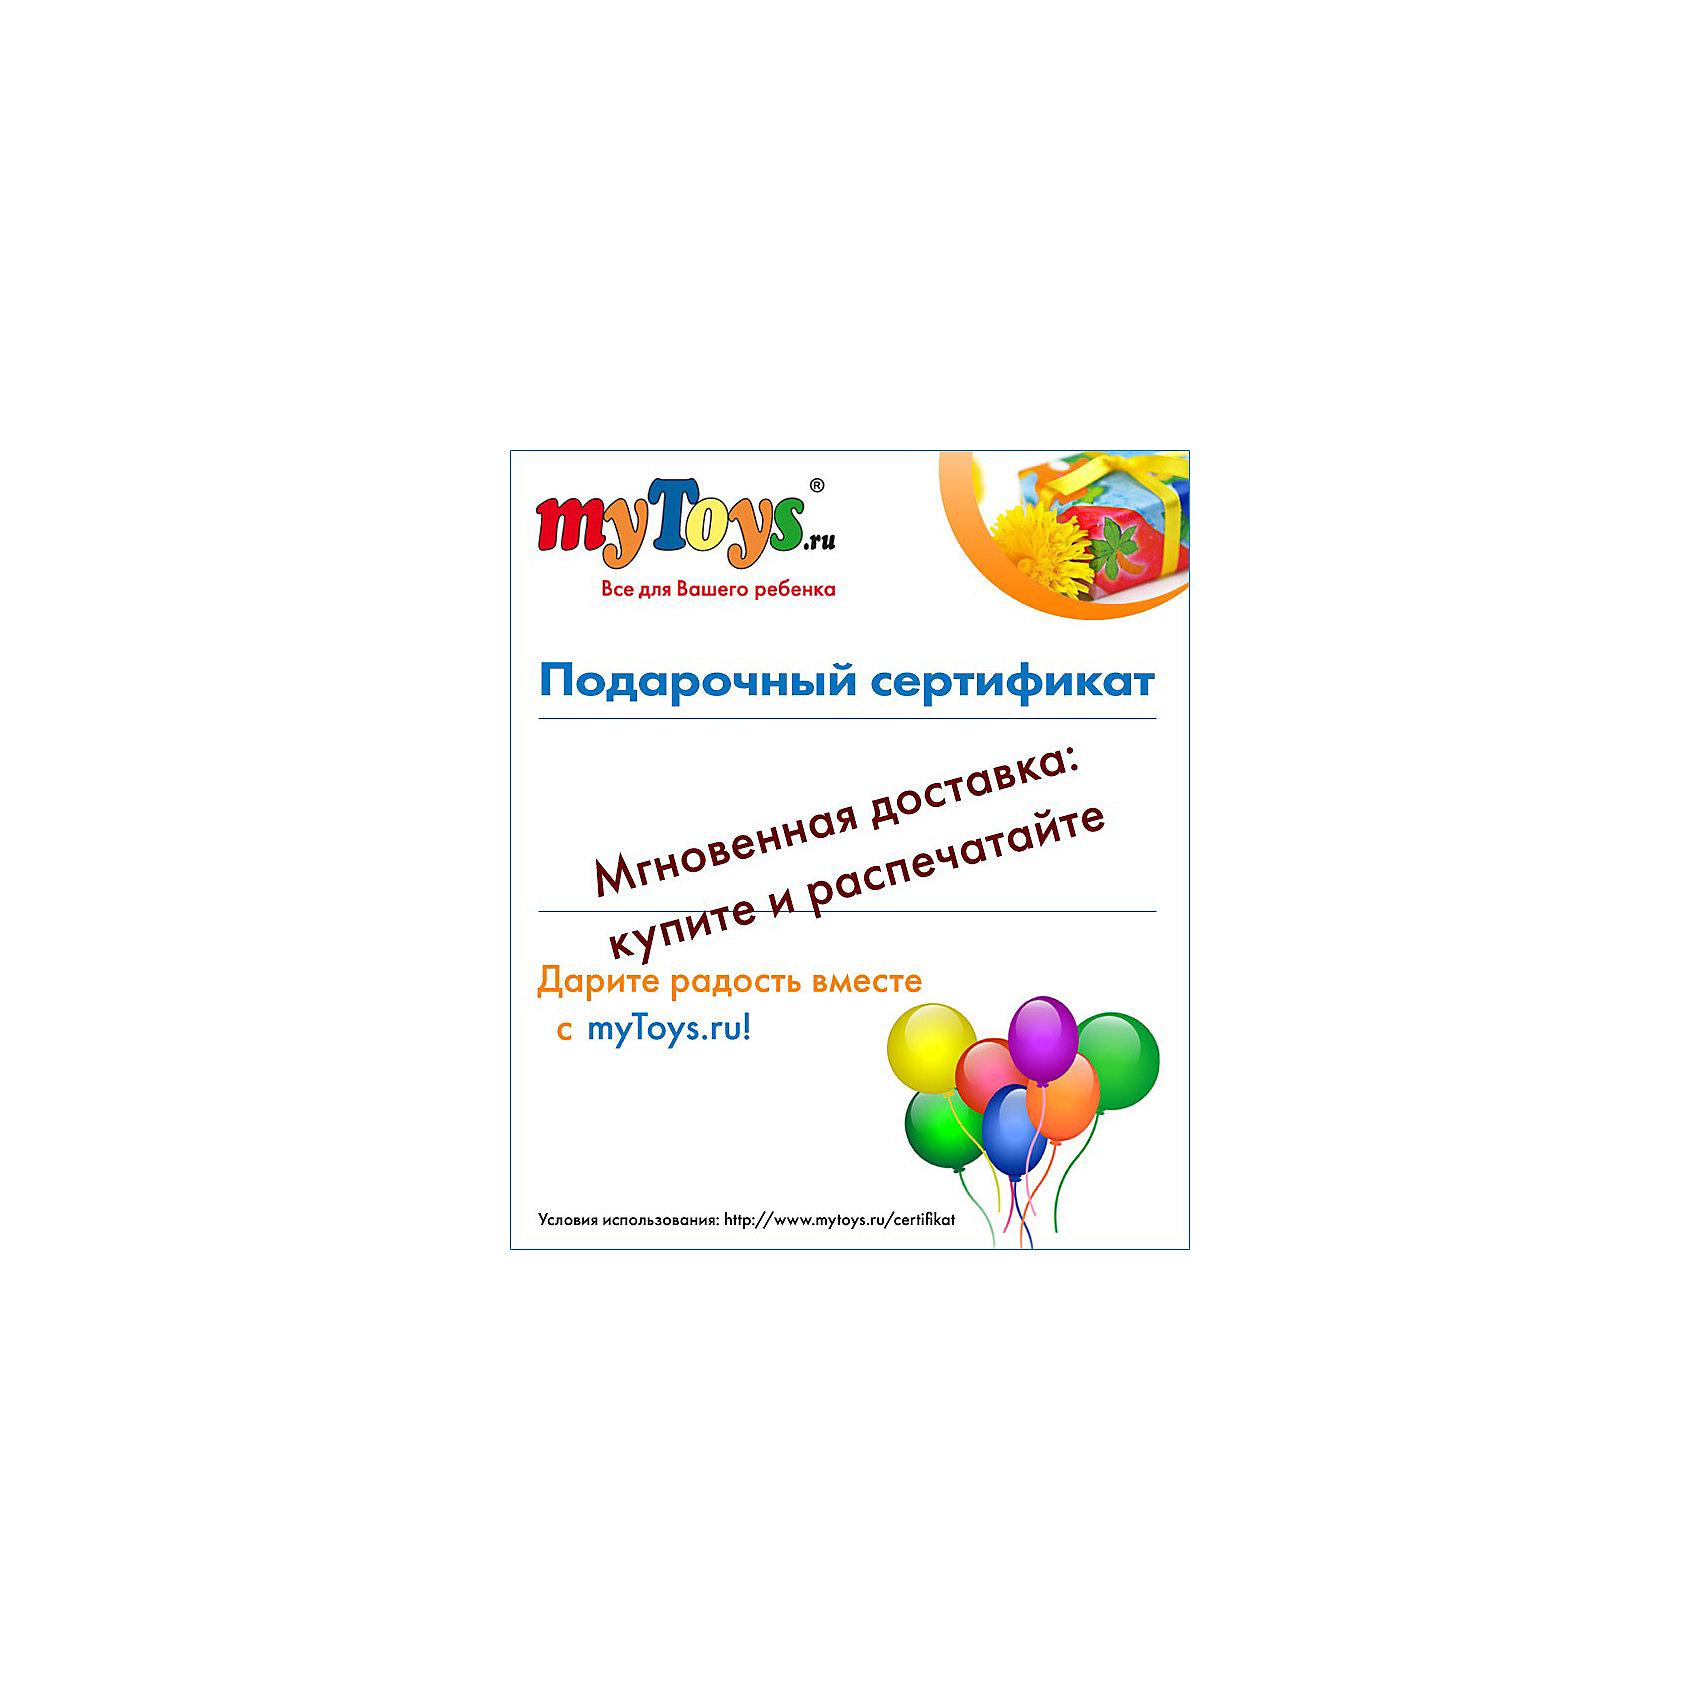 Электронный подарочный сертификат на сумму 2500 рублей